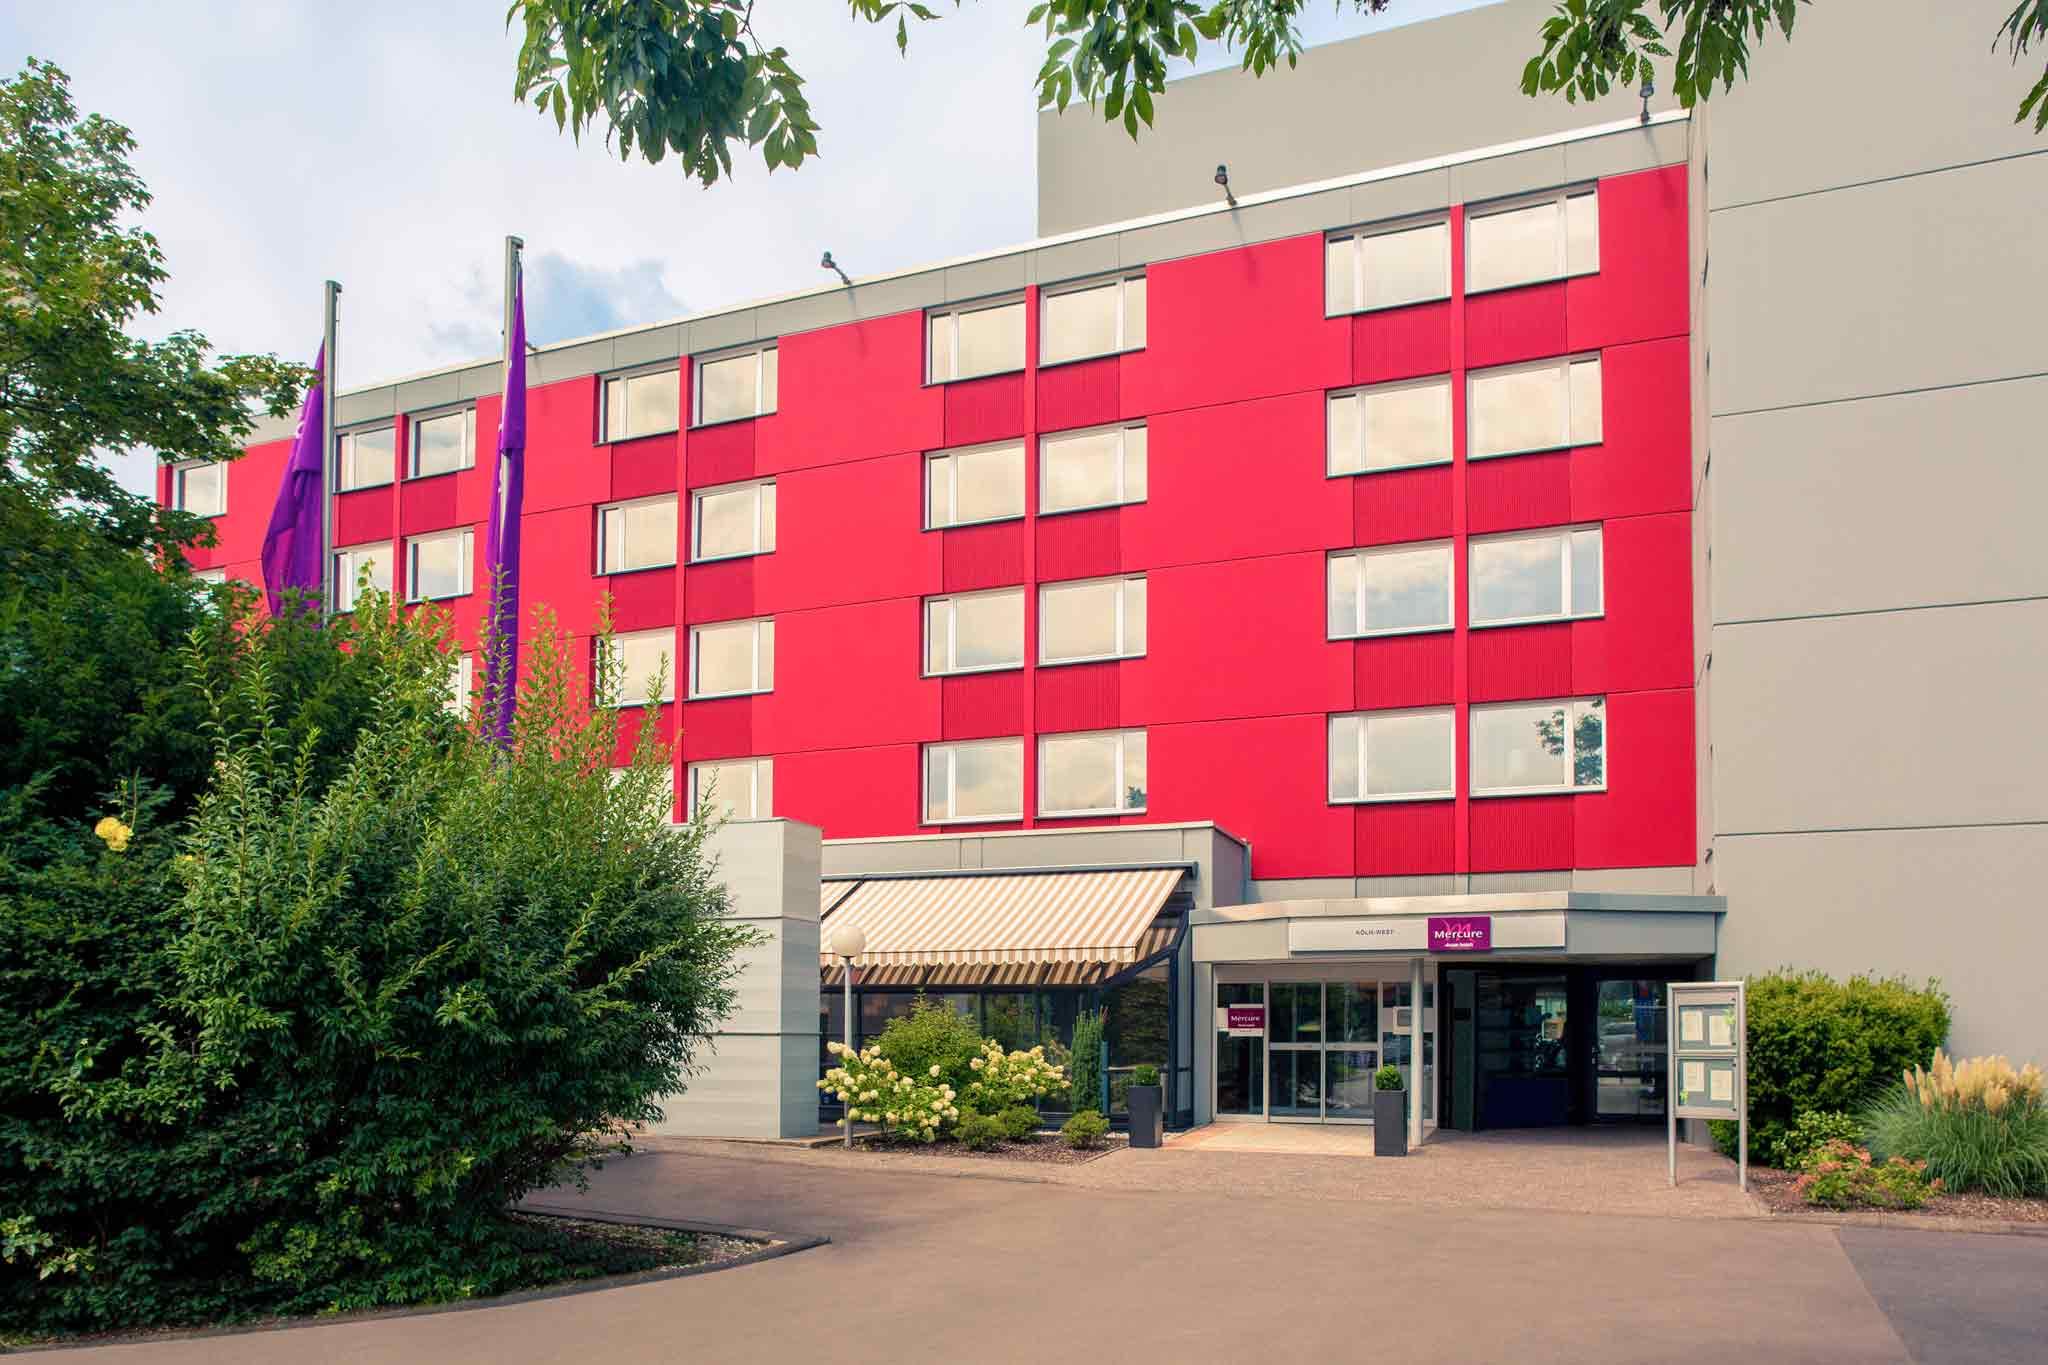 ホテル – メルキュールホテルケルンヴェスト